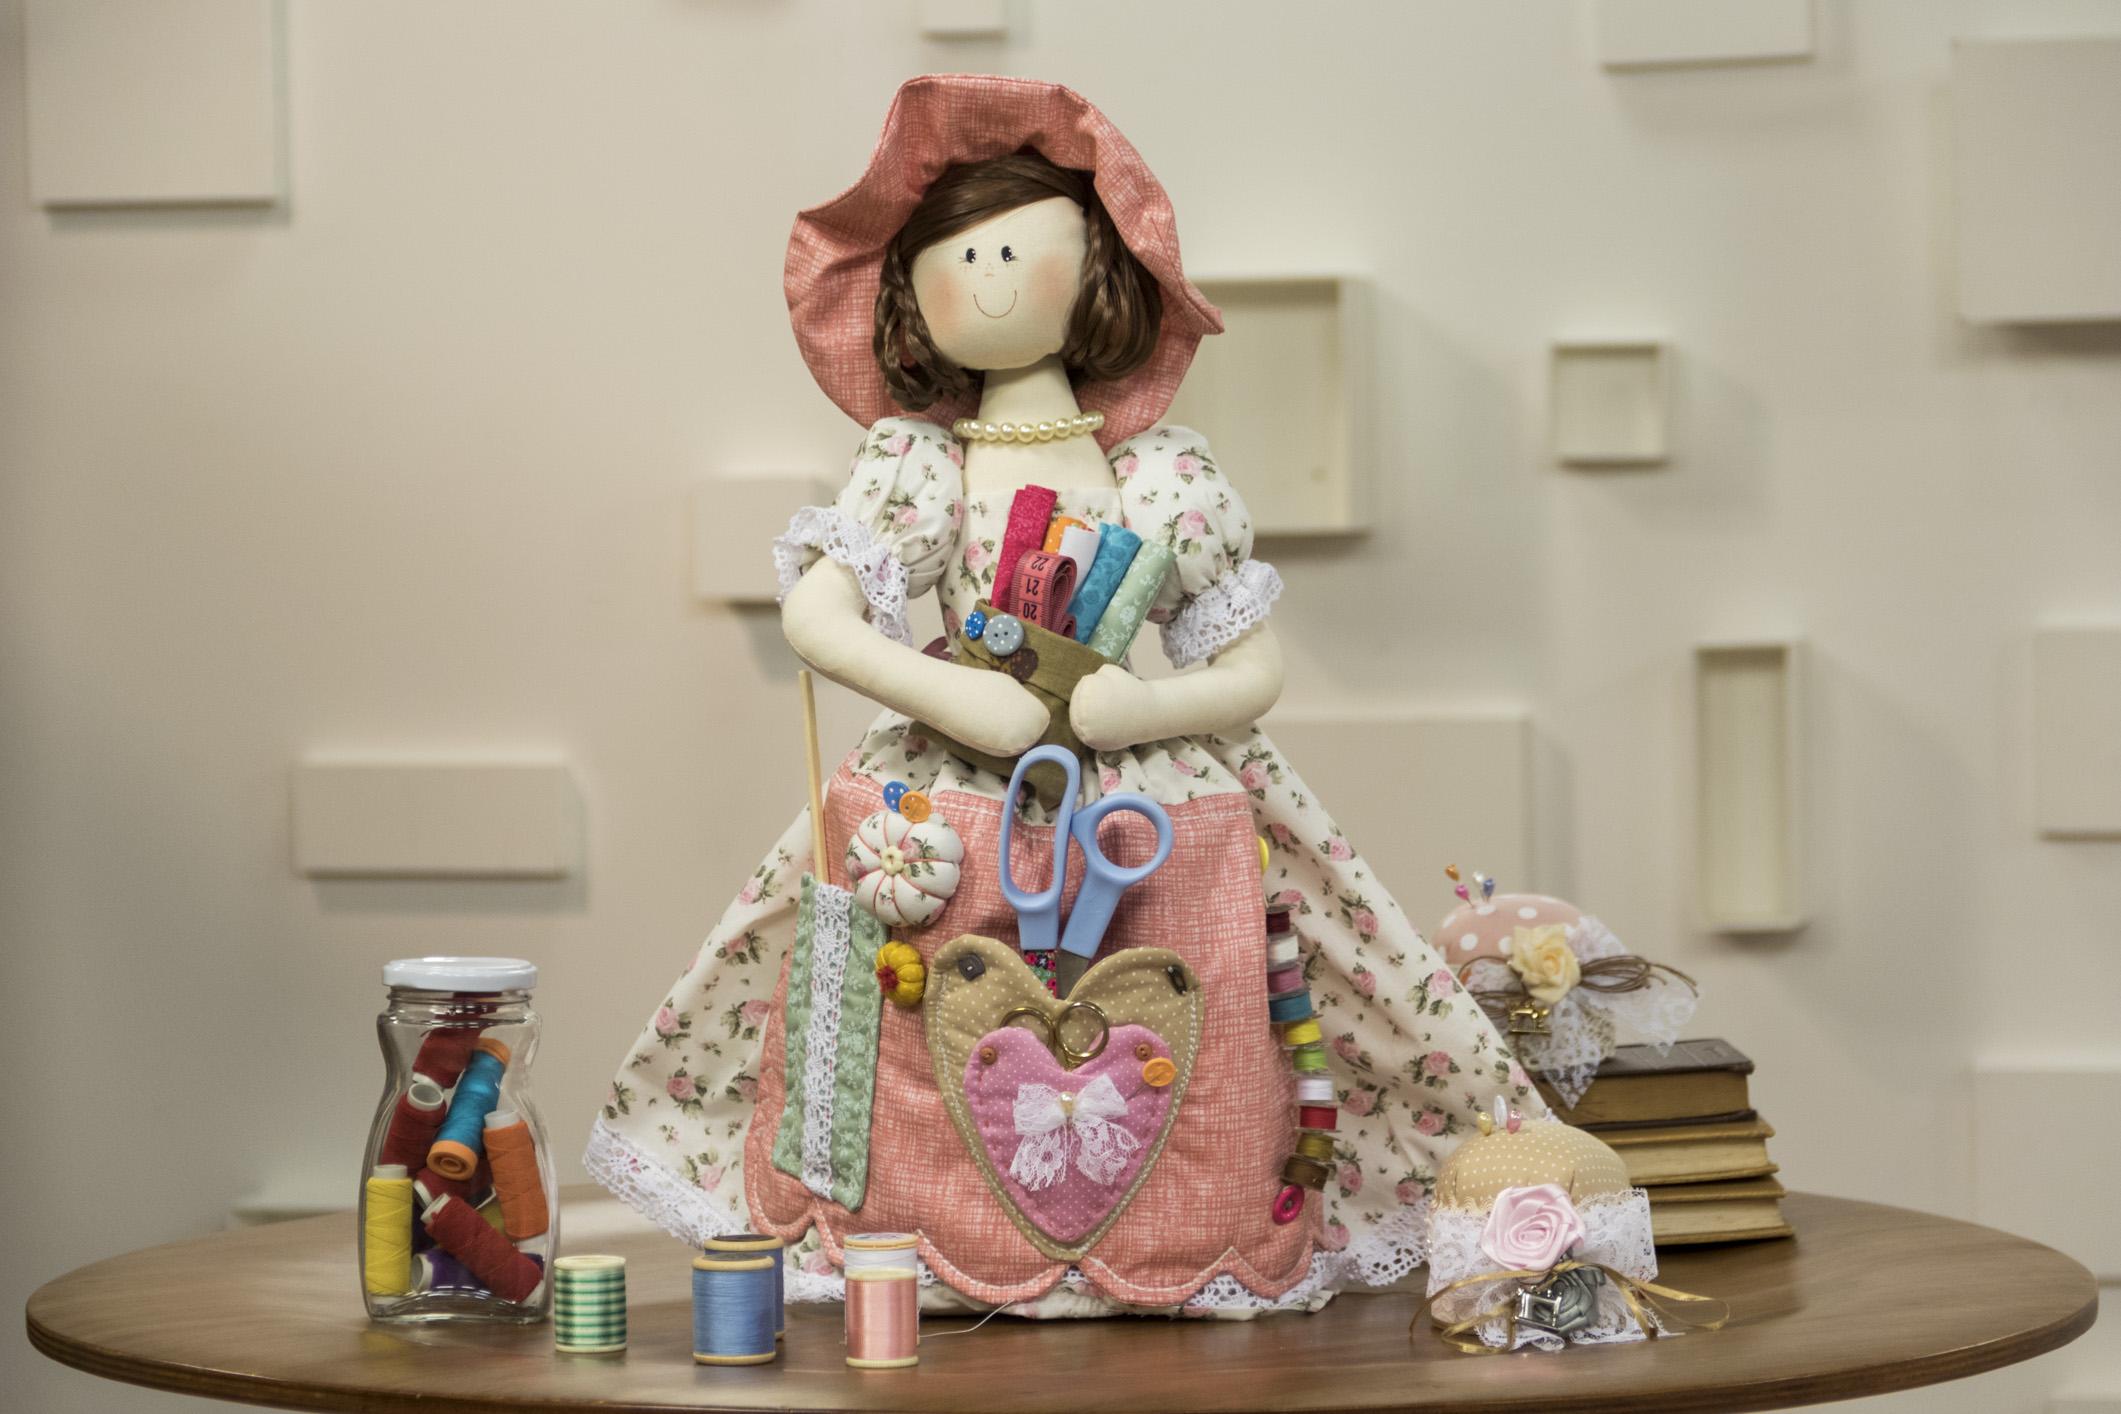 Uma das bonecas que você vai aprender no curso Bonecas decorativas e utilitárias para casa